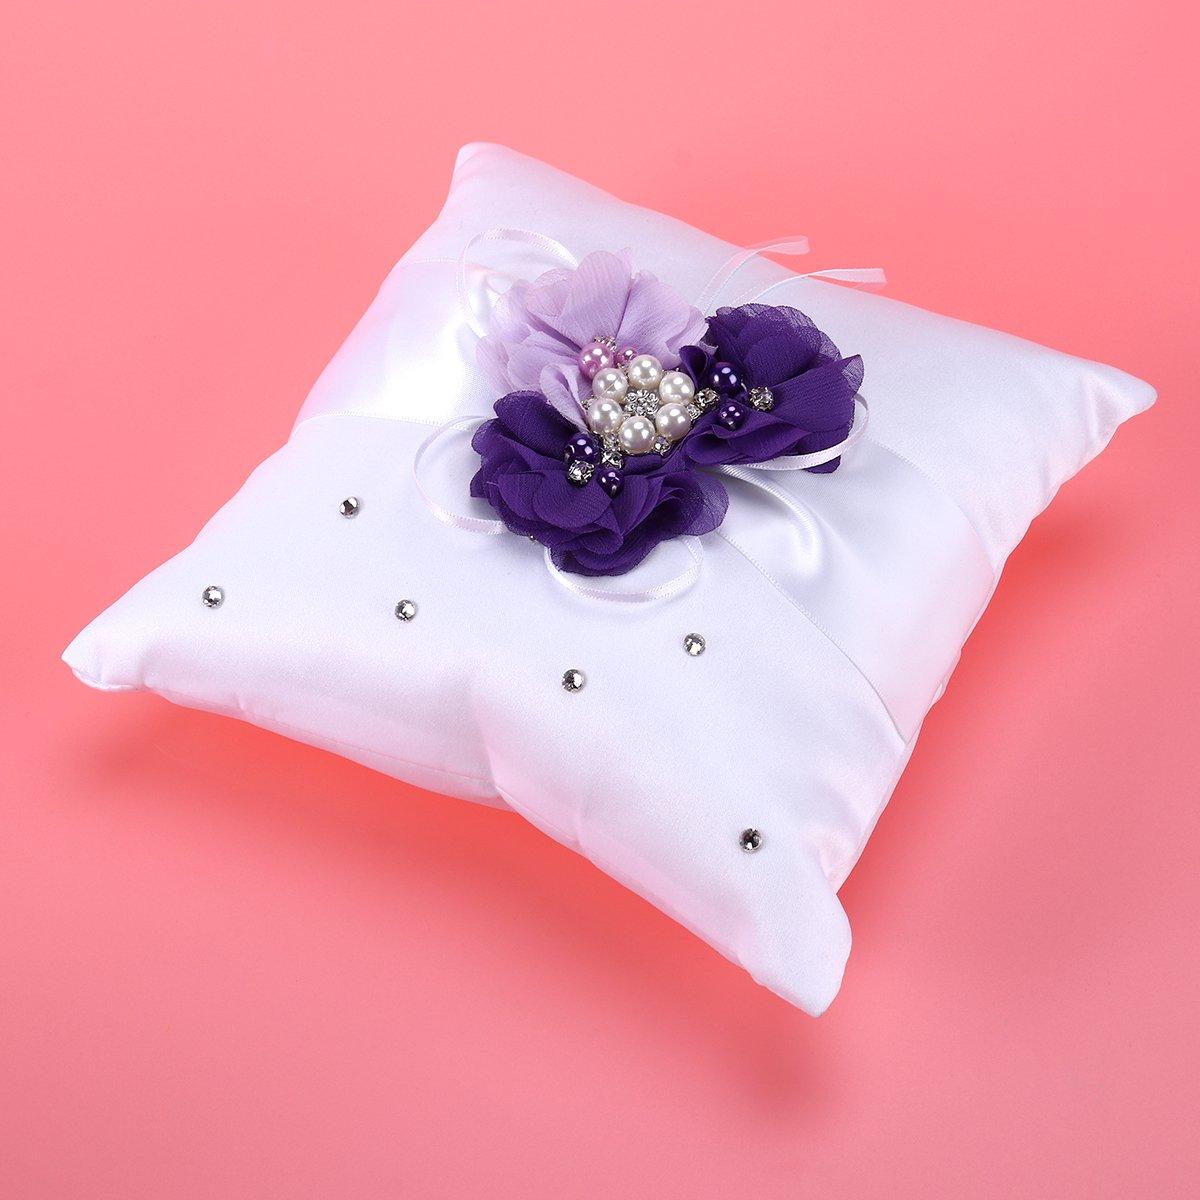 Buy Ring Bearer Pillow, 20*20cm Wedding Ring Pillow Pearl Flower ...